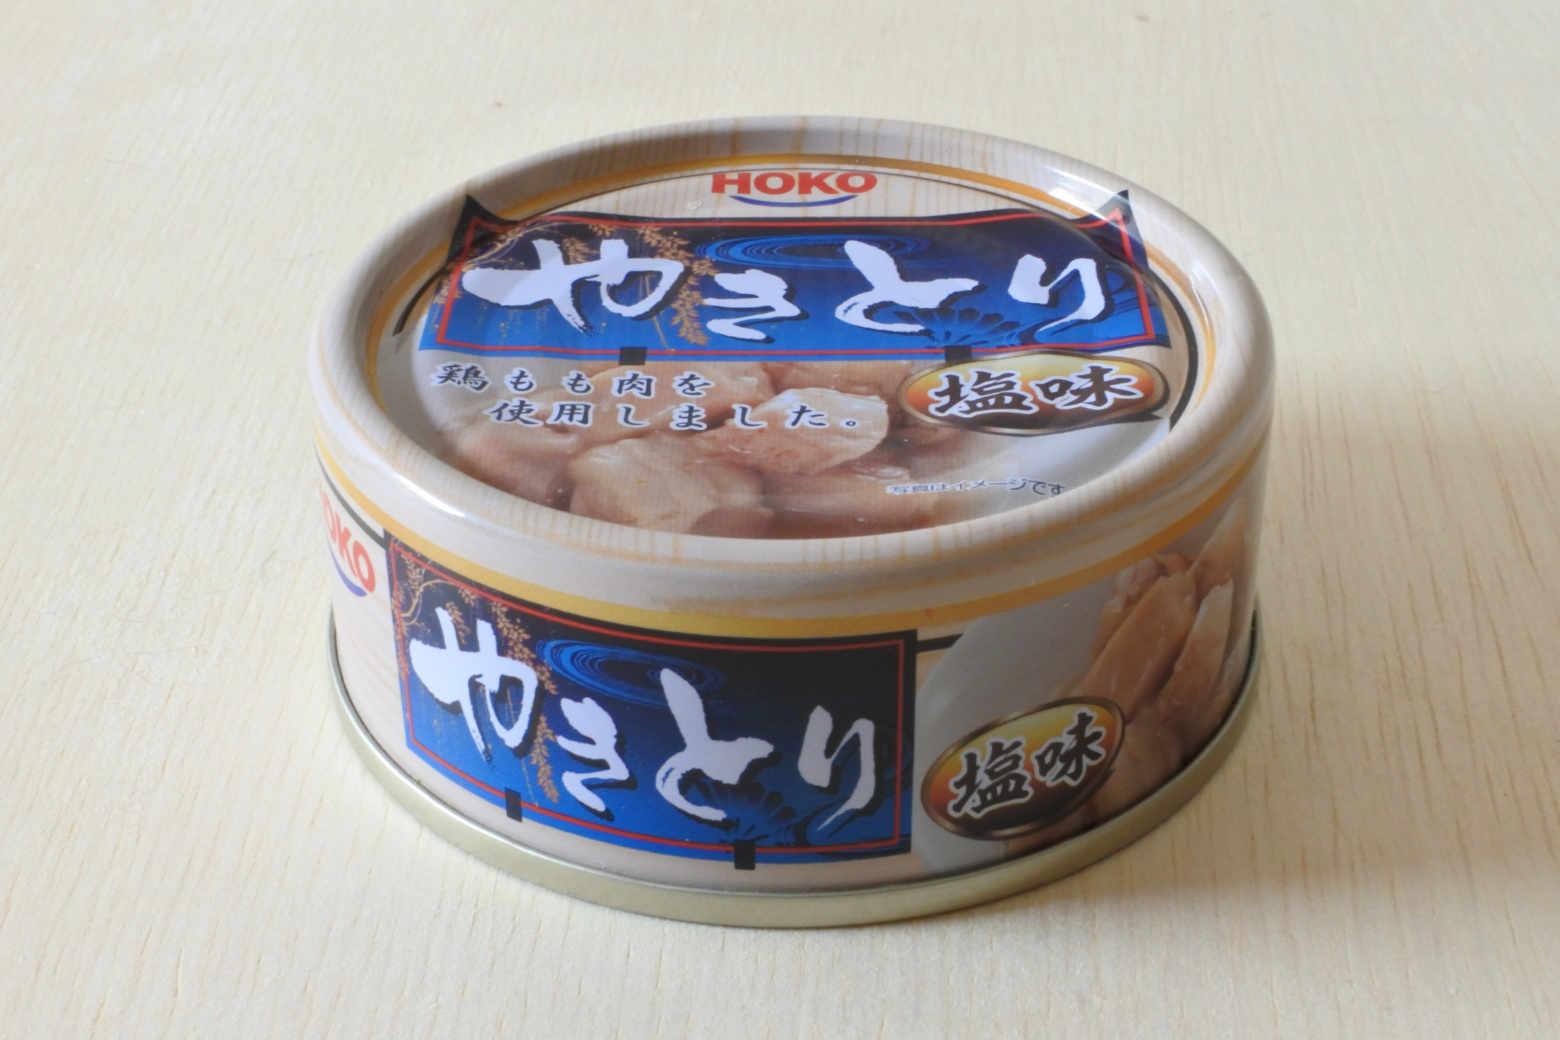 HOKOのやきとり塩味